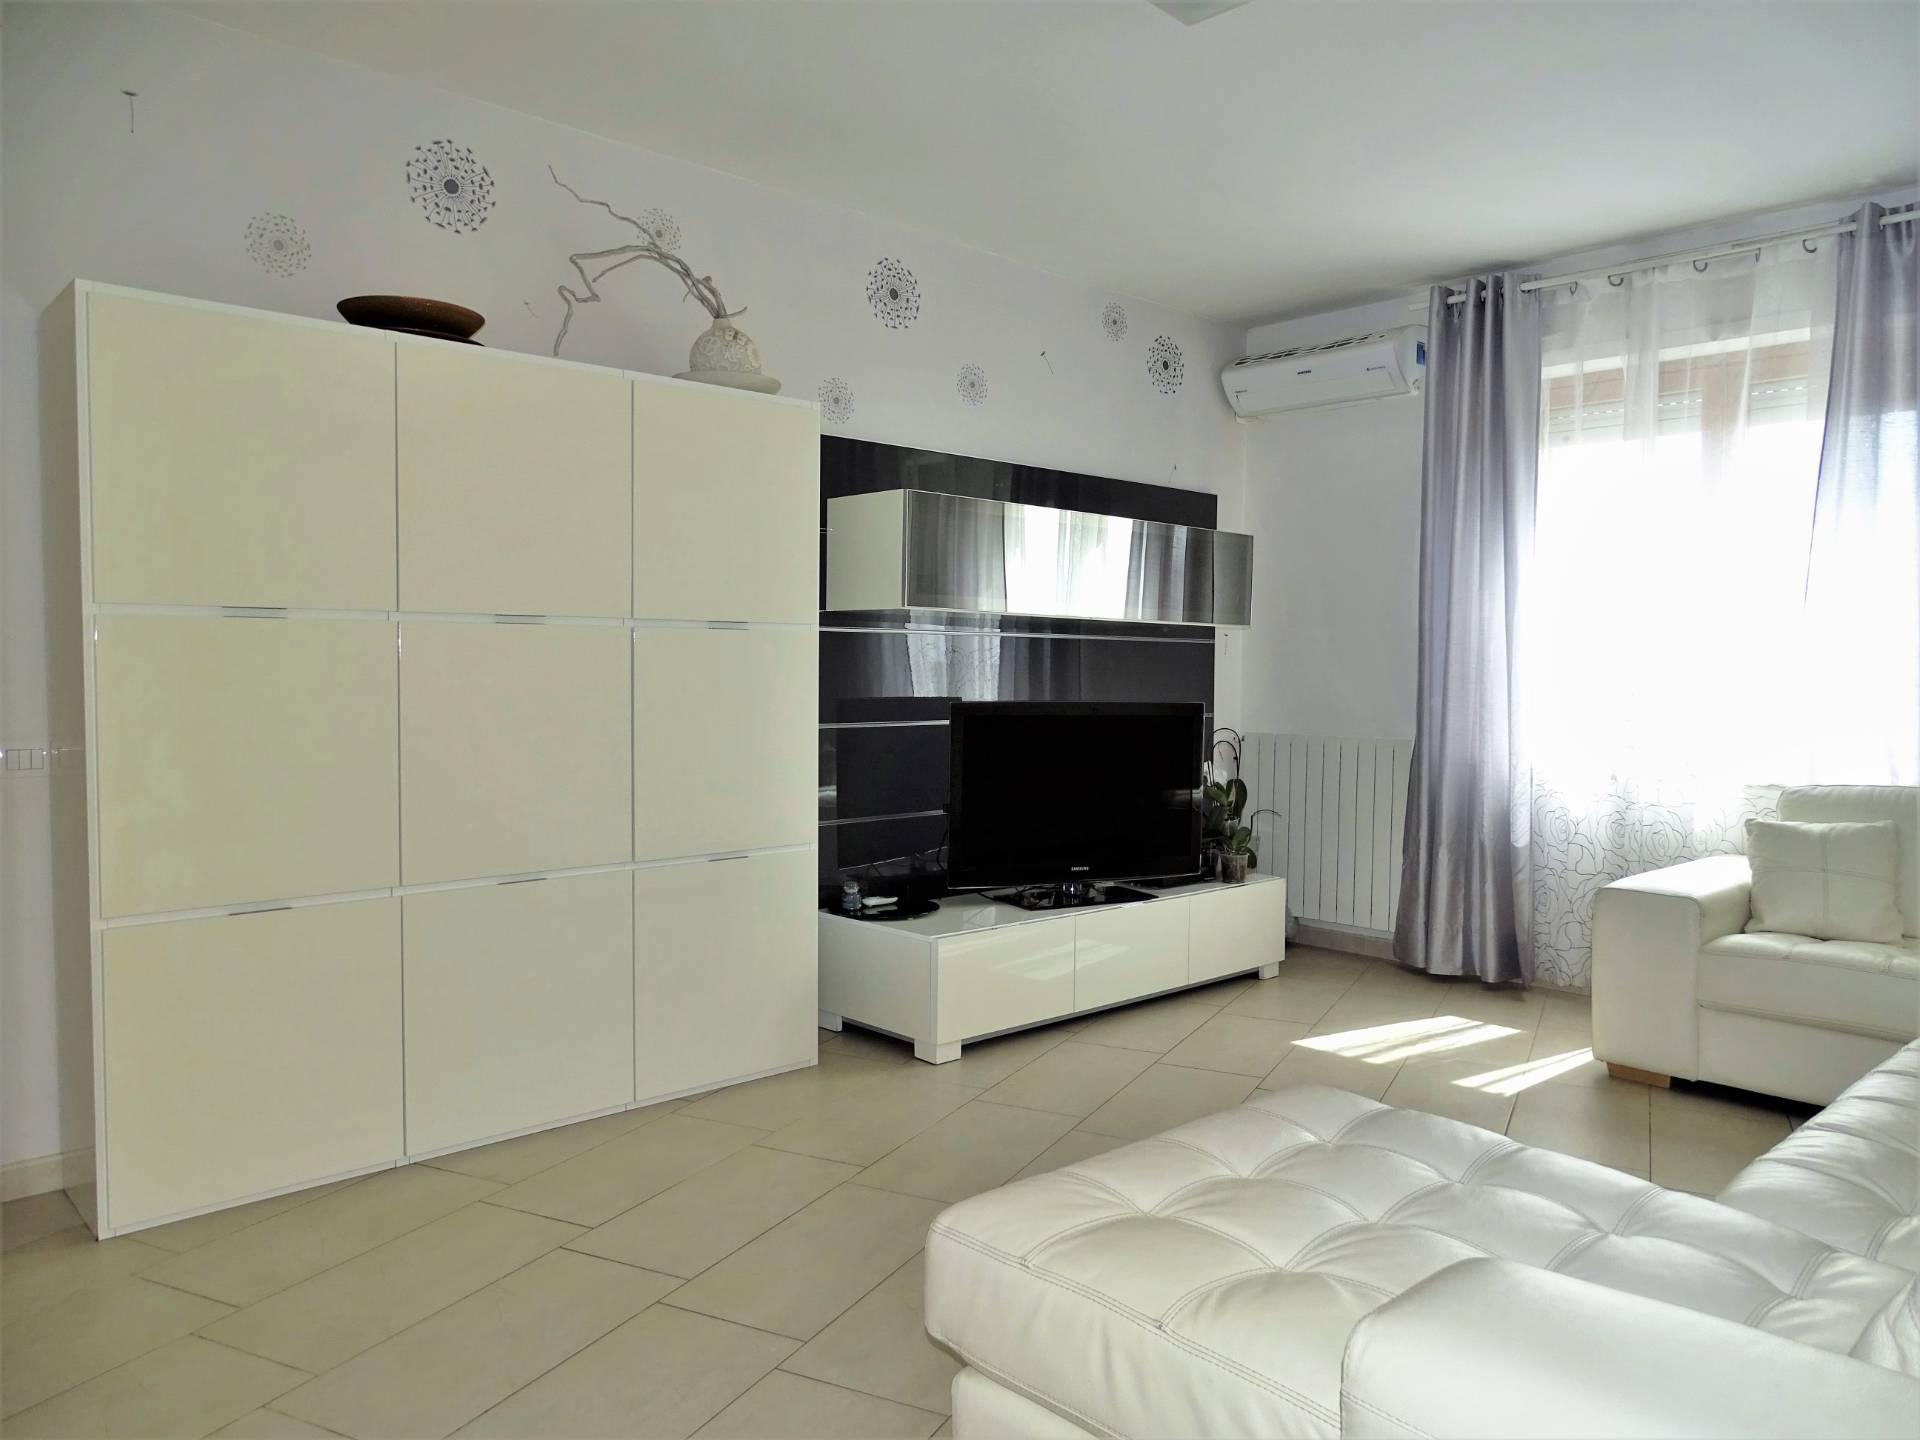 Appartamento in vendita a Sestu (CA)